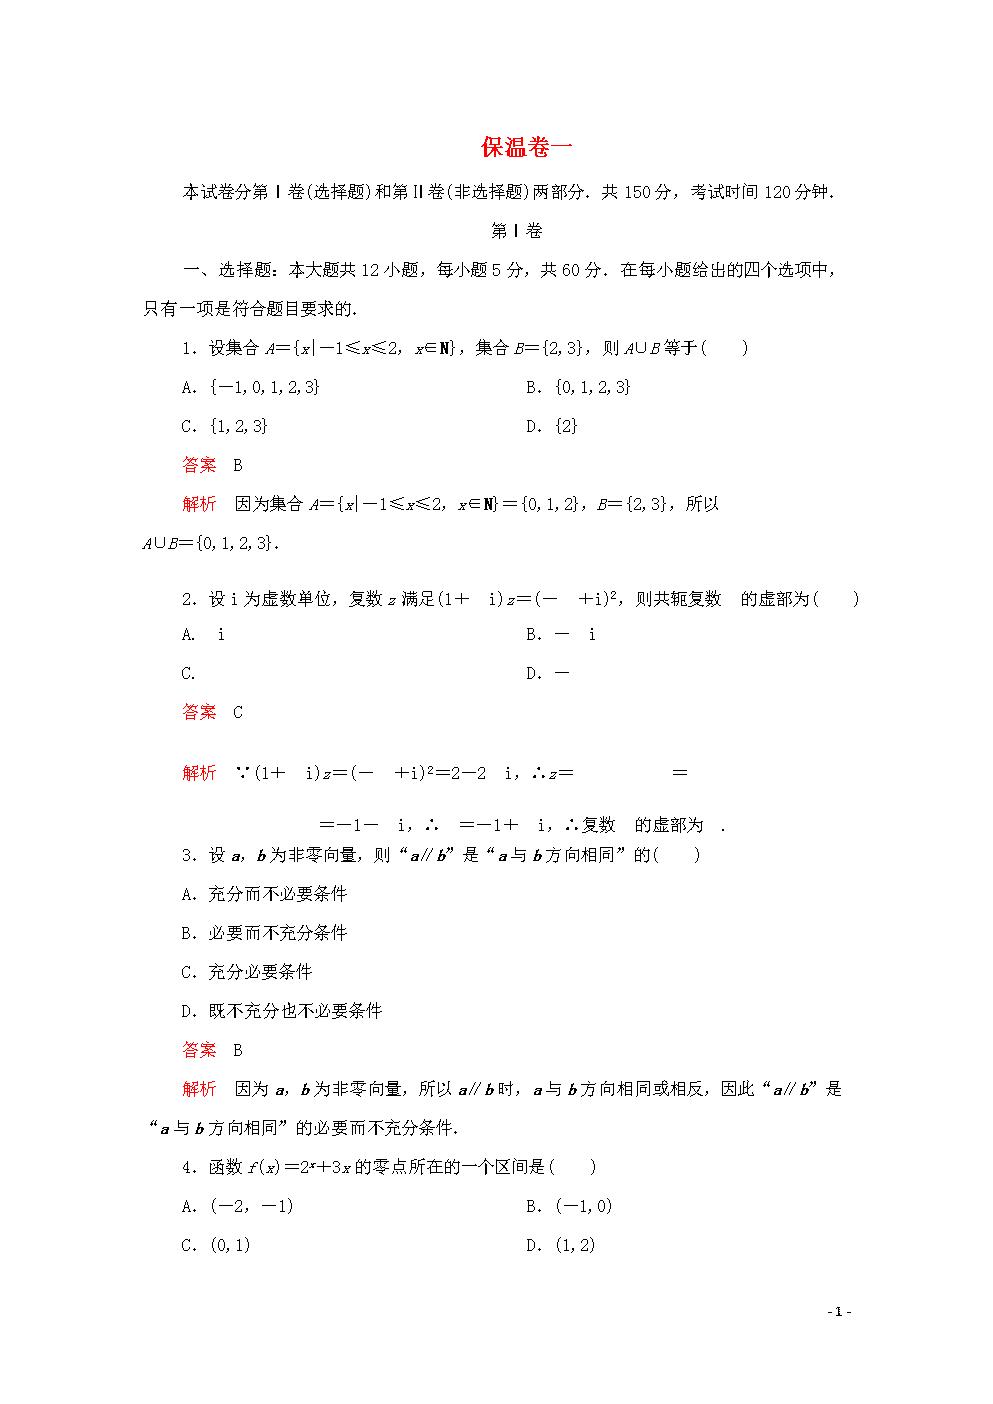 2020届高考数学大二轮复习 冲刺创新专题 保温卷一 文.doc